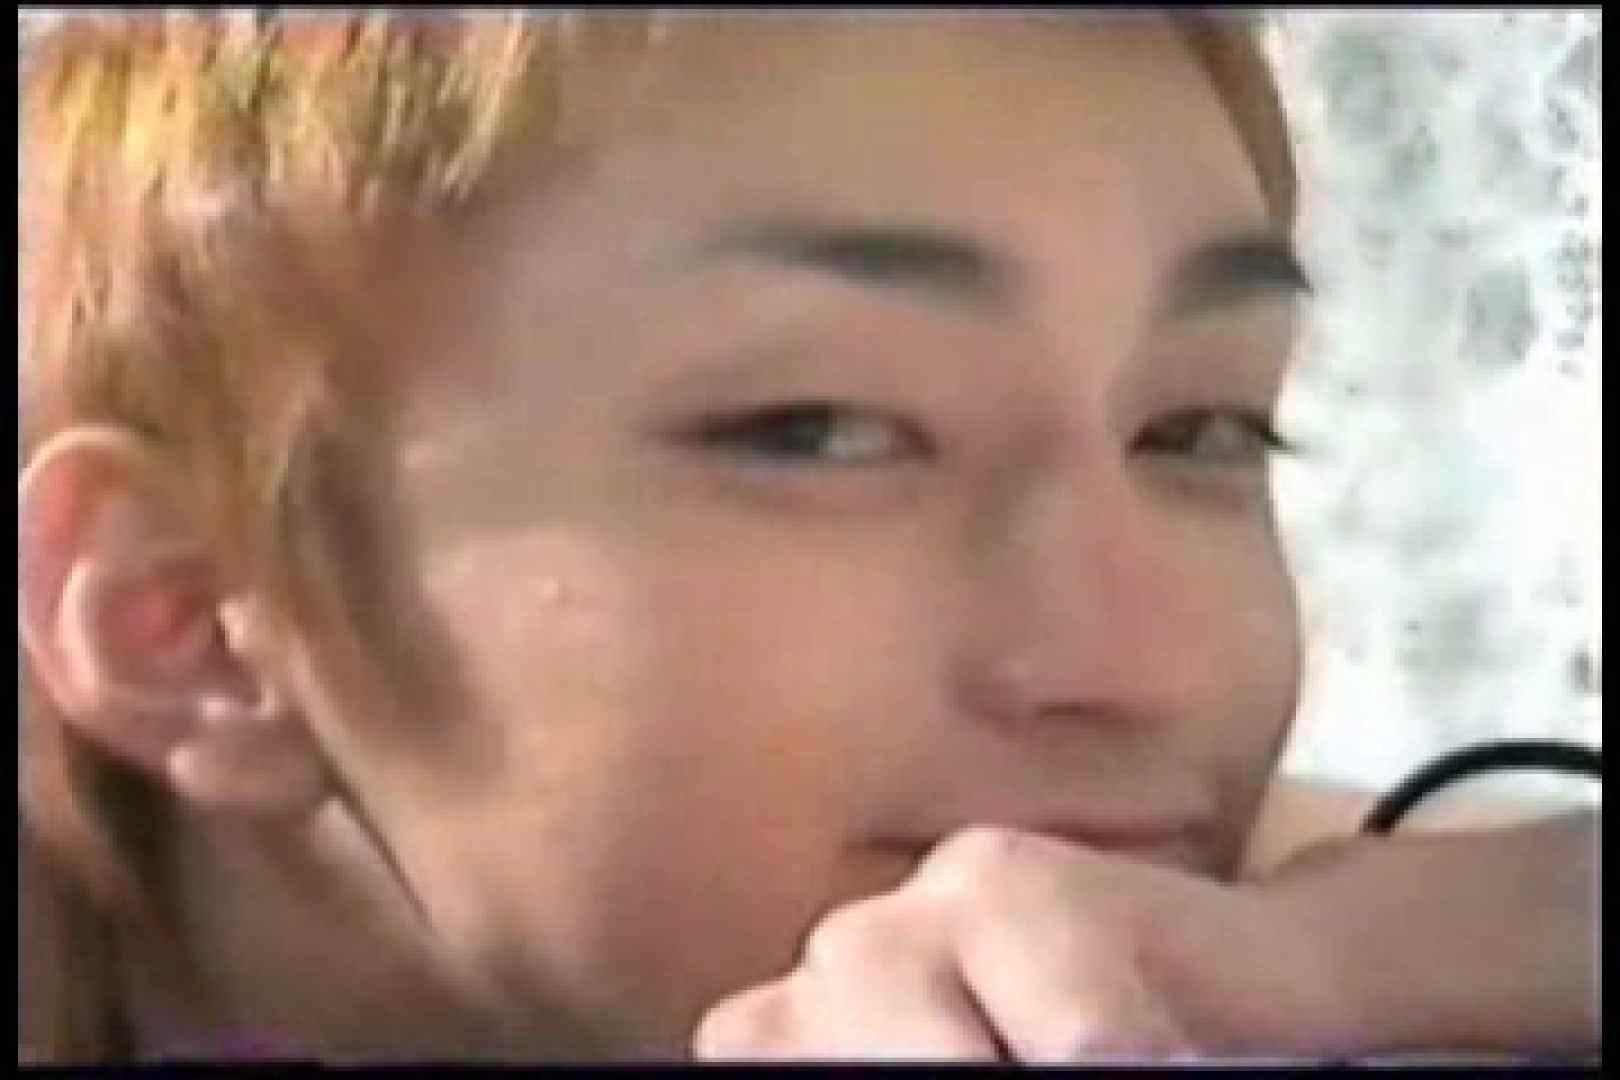 【流出】アイドルを目指したジャニ系イケメンの過去 射精 GAY無修正エロ動画 107枚 105